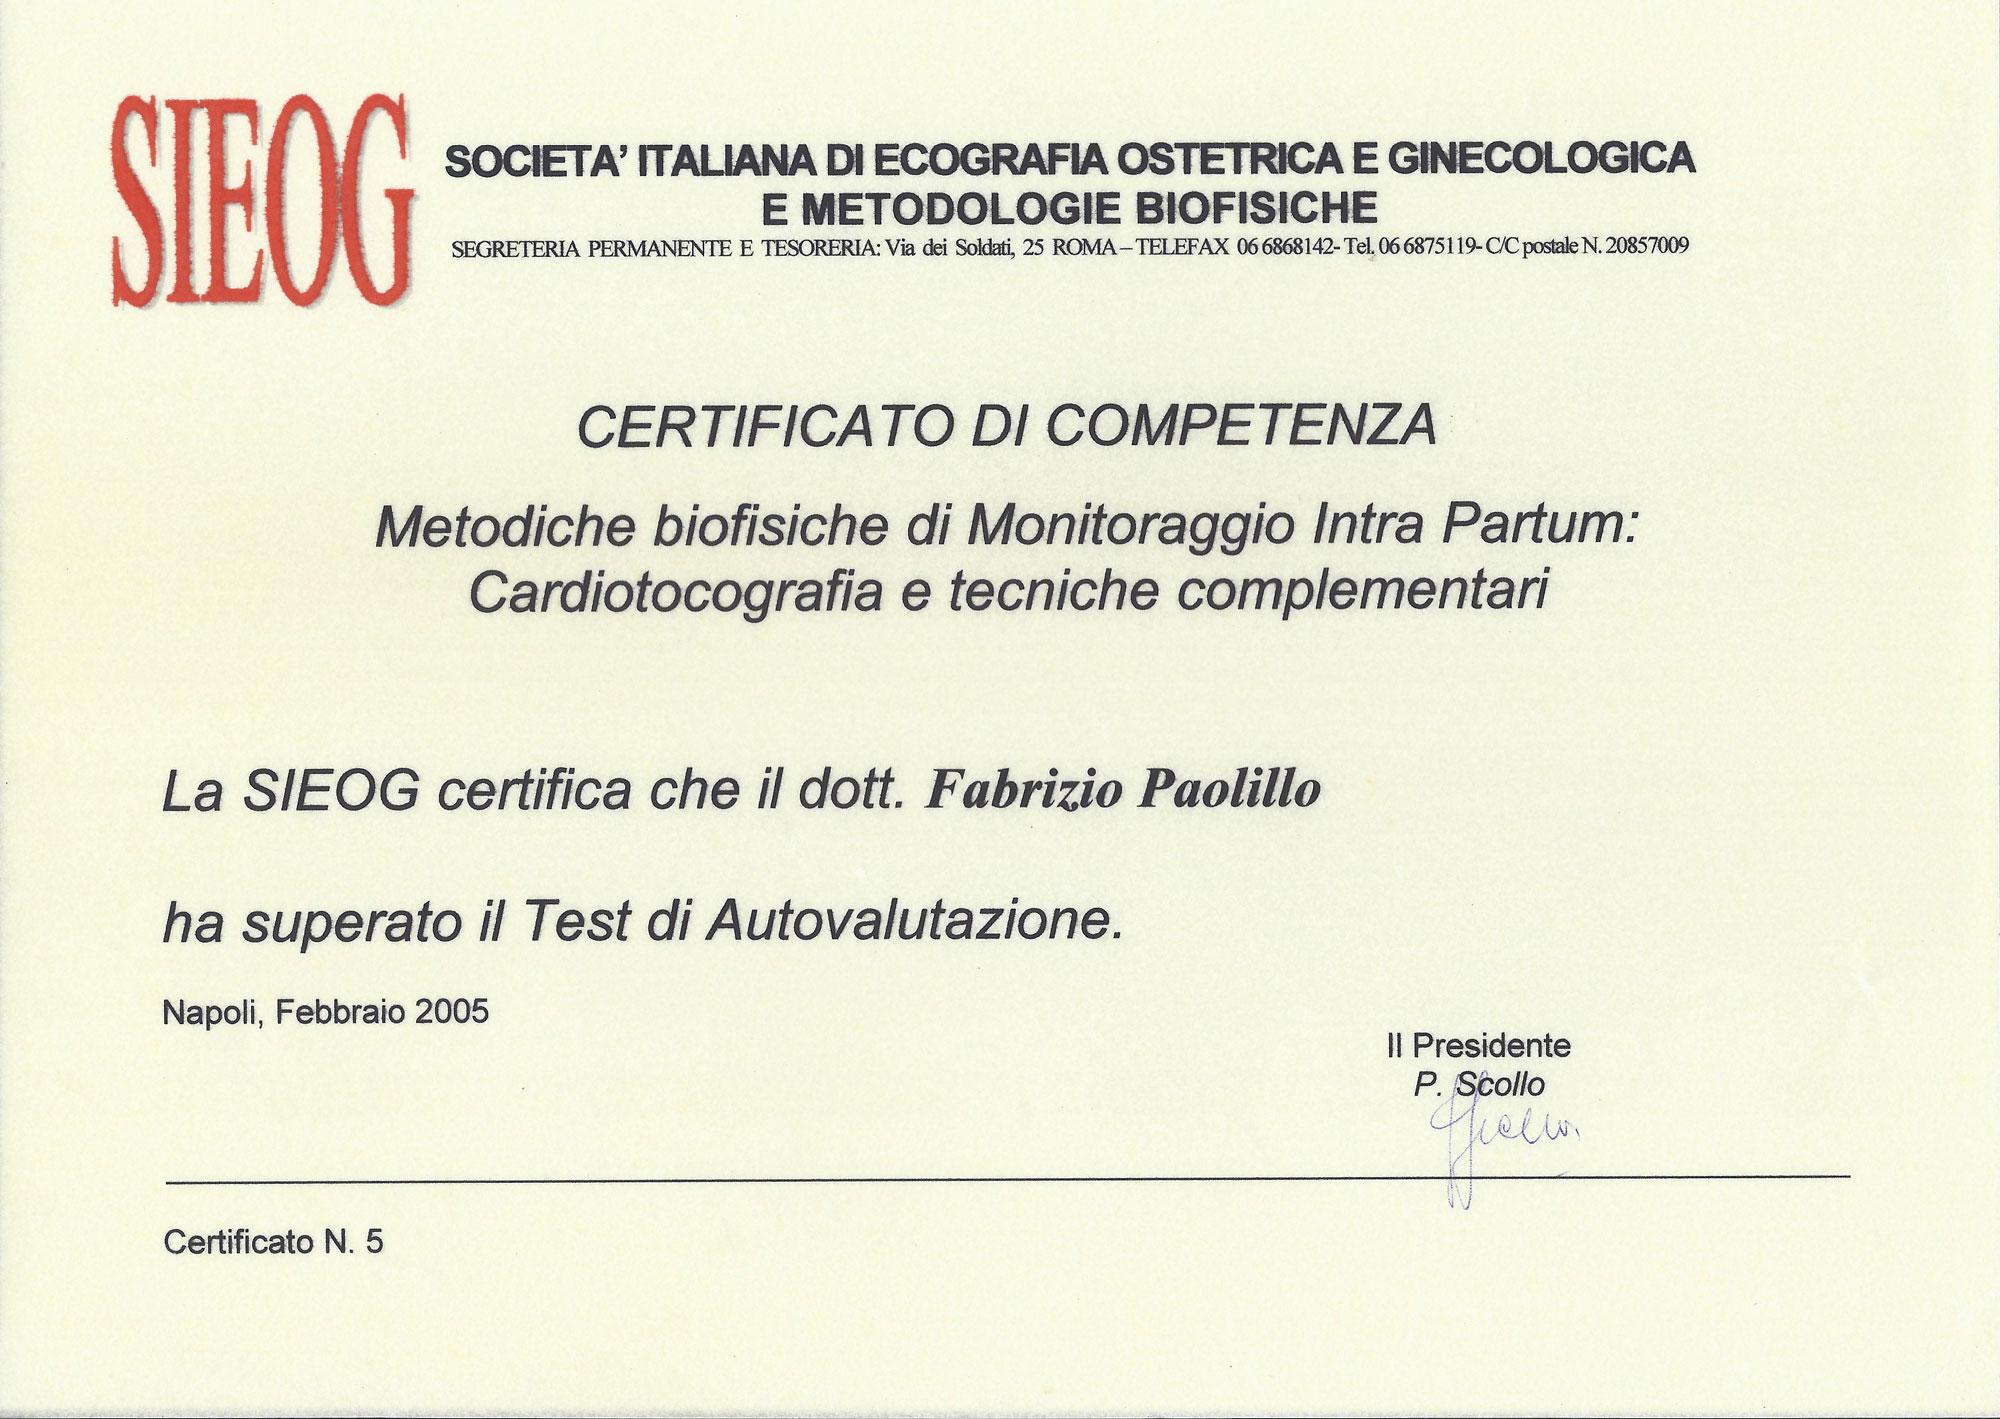 Metodiche Biofisiche di Monitoraggio Intra Partum - Cardiotografia e Tecniche Complementari